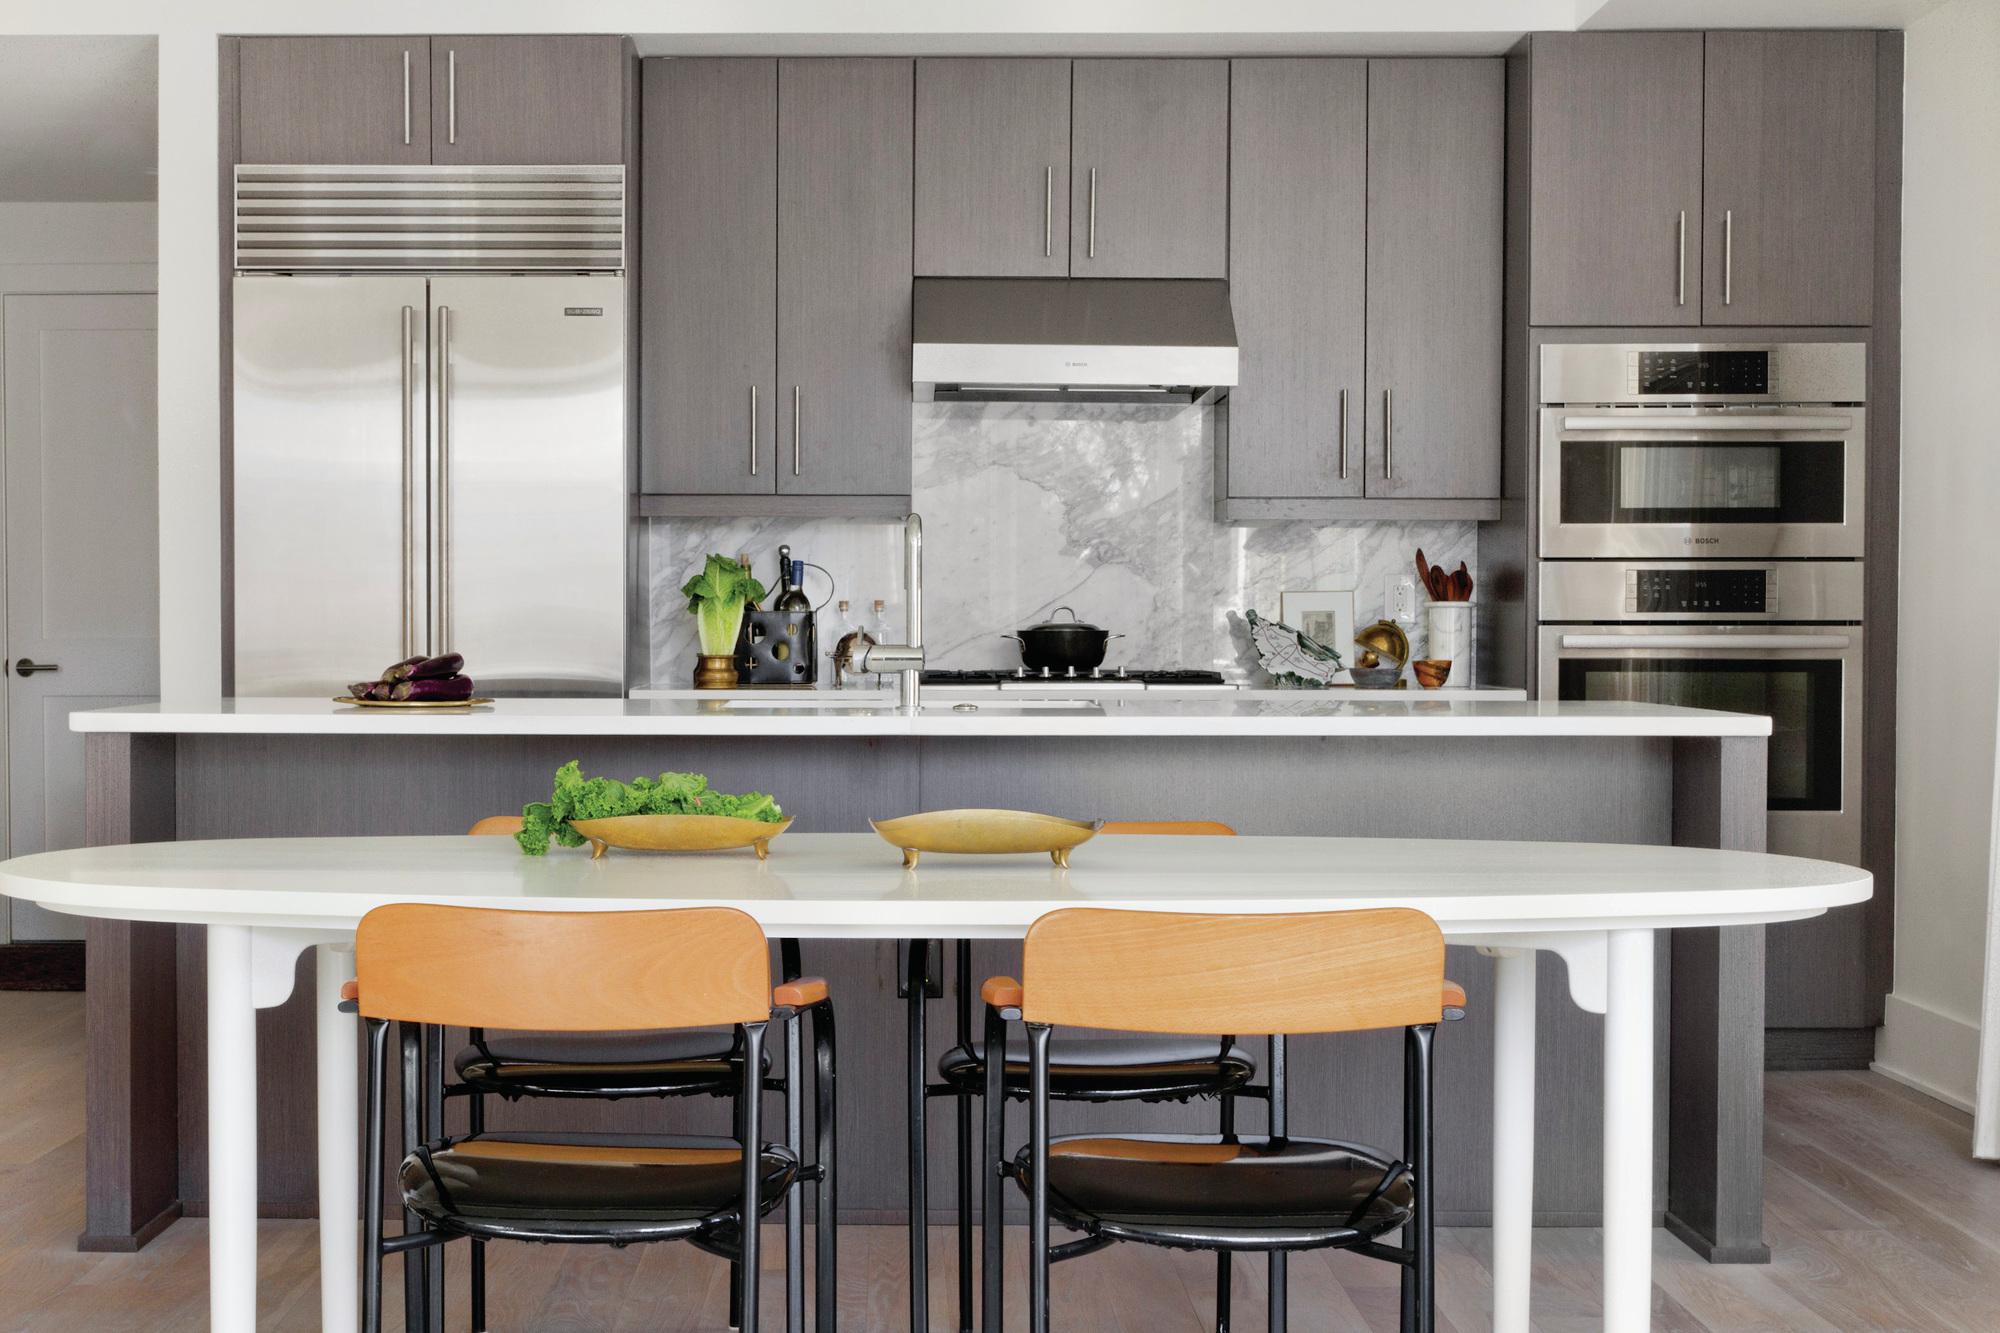 kitchen sinks houzz diy bench with storage unveils 2018 home design trend predictions custom